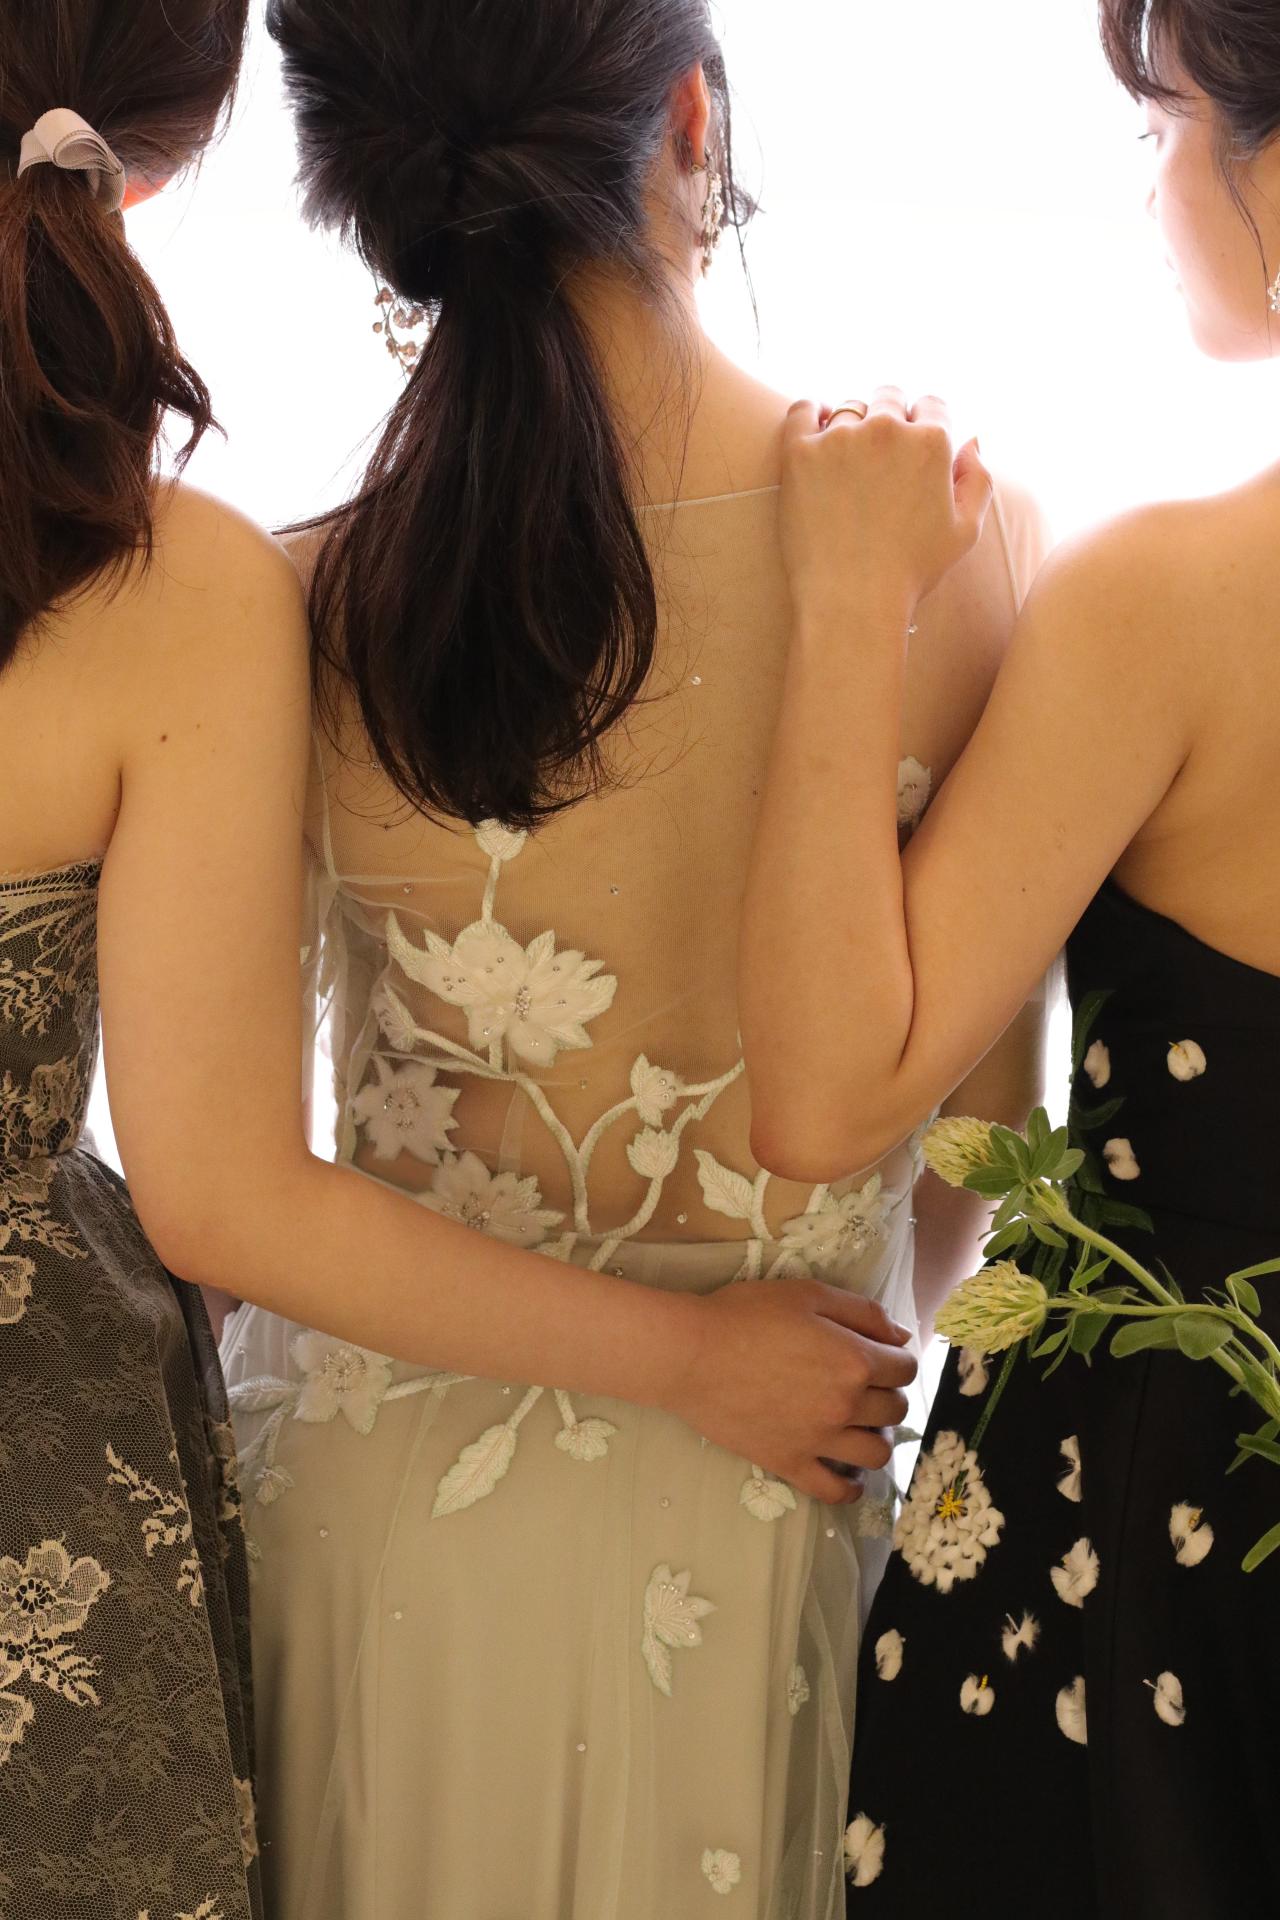 東京表参道にあるドレスショップ、ザトリートドレッシングでは海外ブランドより買い付けた王道なパステルカラー、スタイリッシュでモダンな原色などのカラードレスがレンタル可能です